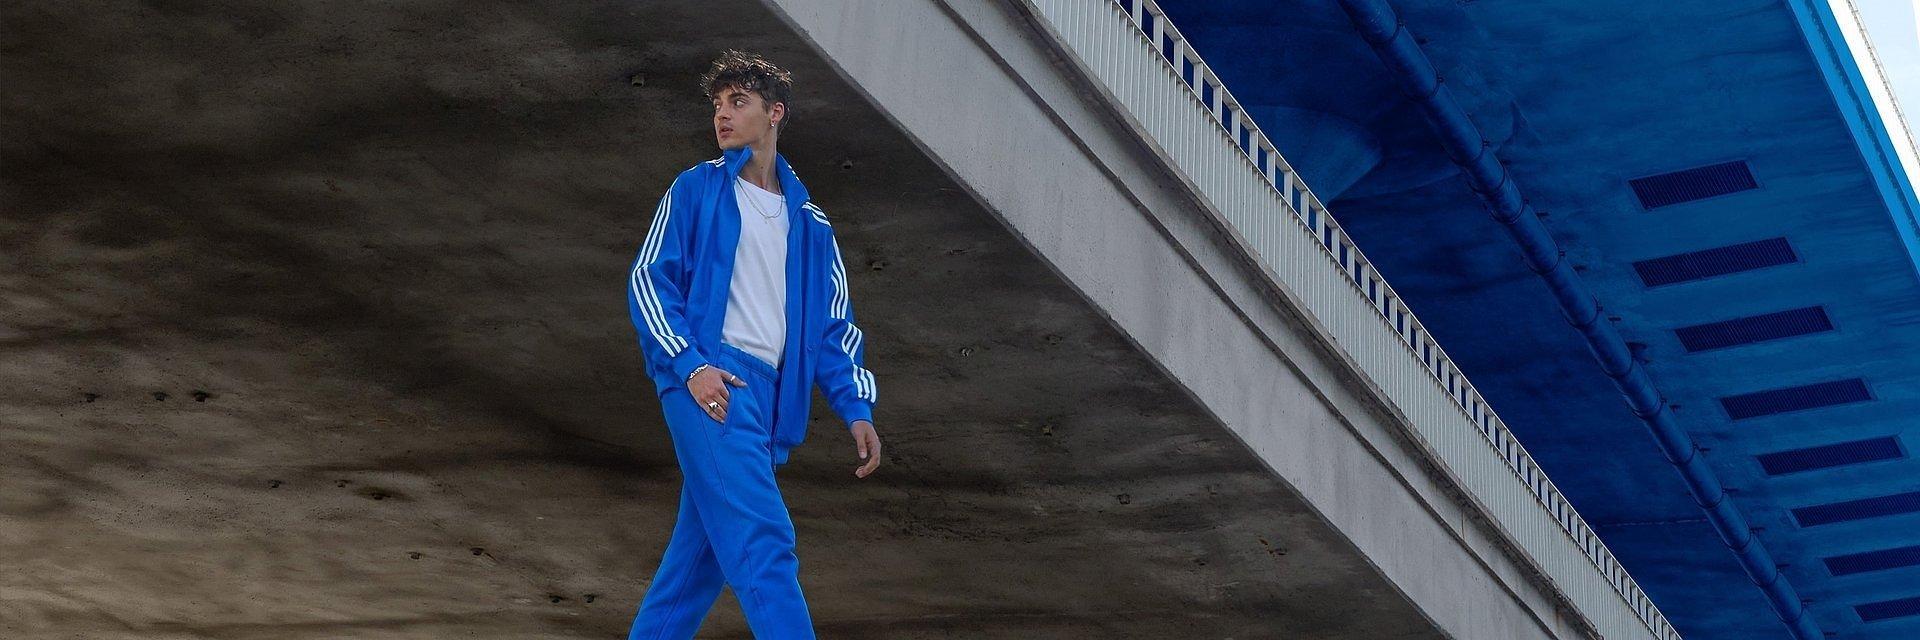 adidas Originals otwiera nowy rozdział premierą kolekcji Blue Version